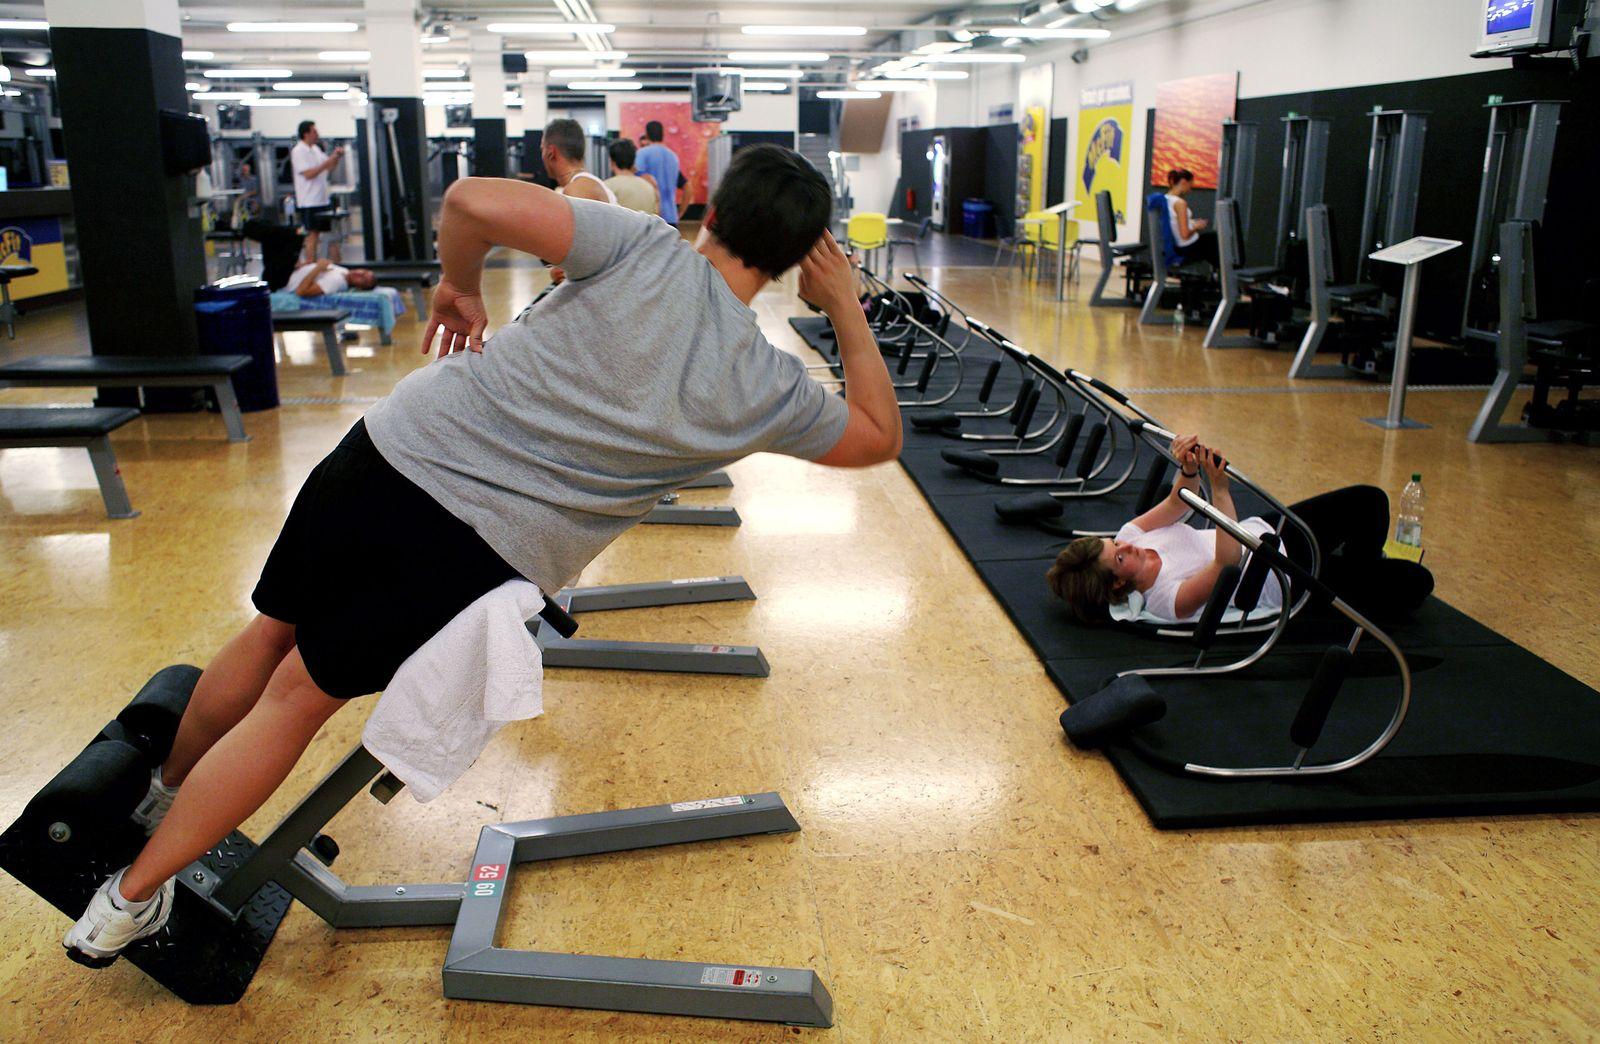 Erstmals mehr als sieben Millionen Fitnessstudio-Mitglieder